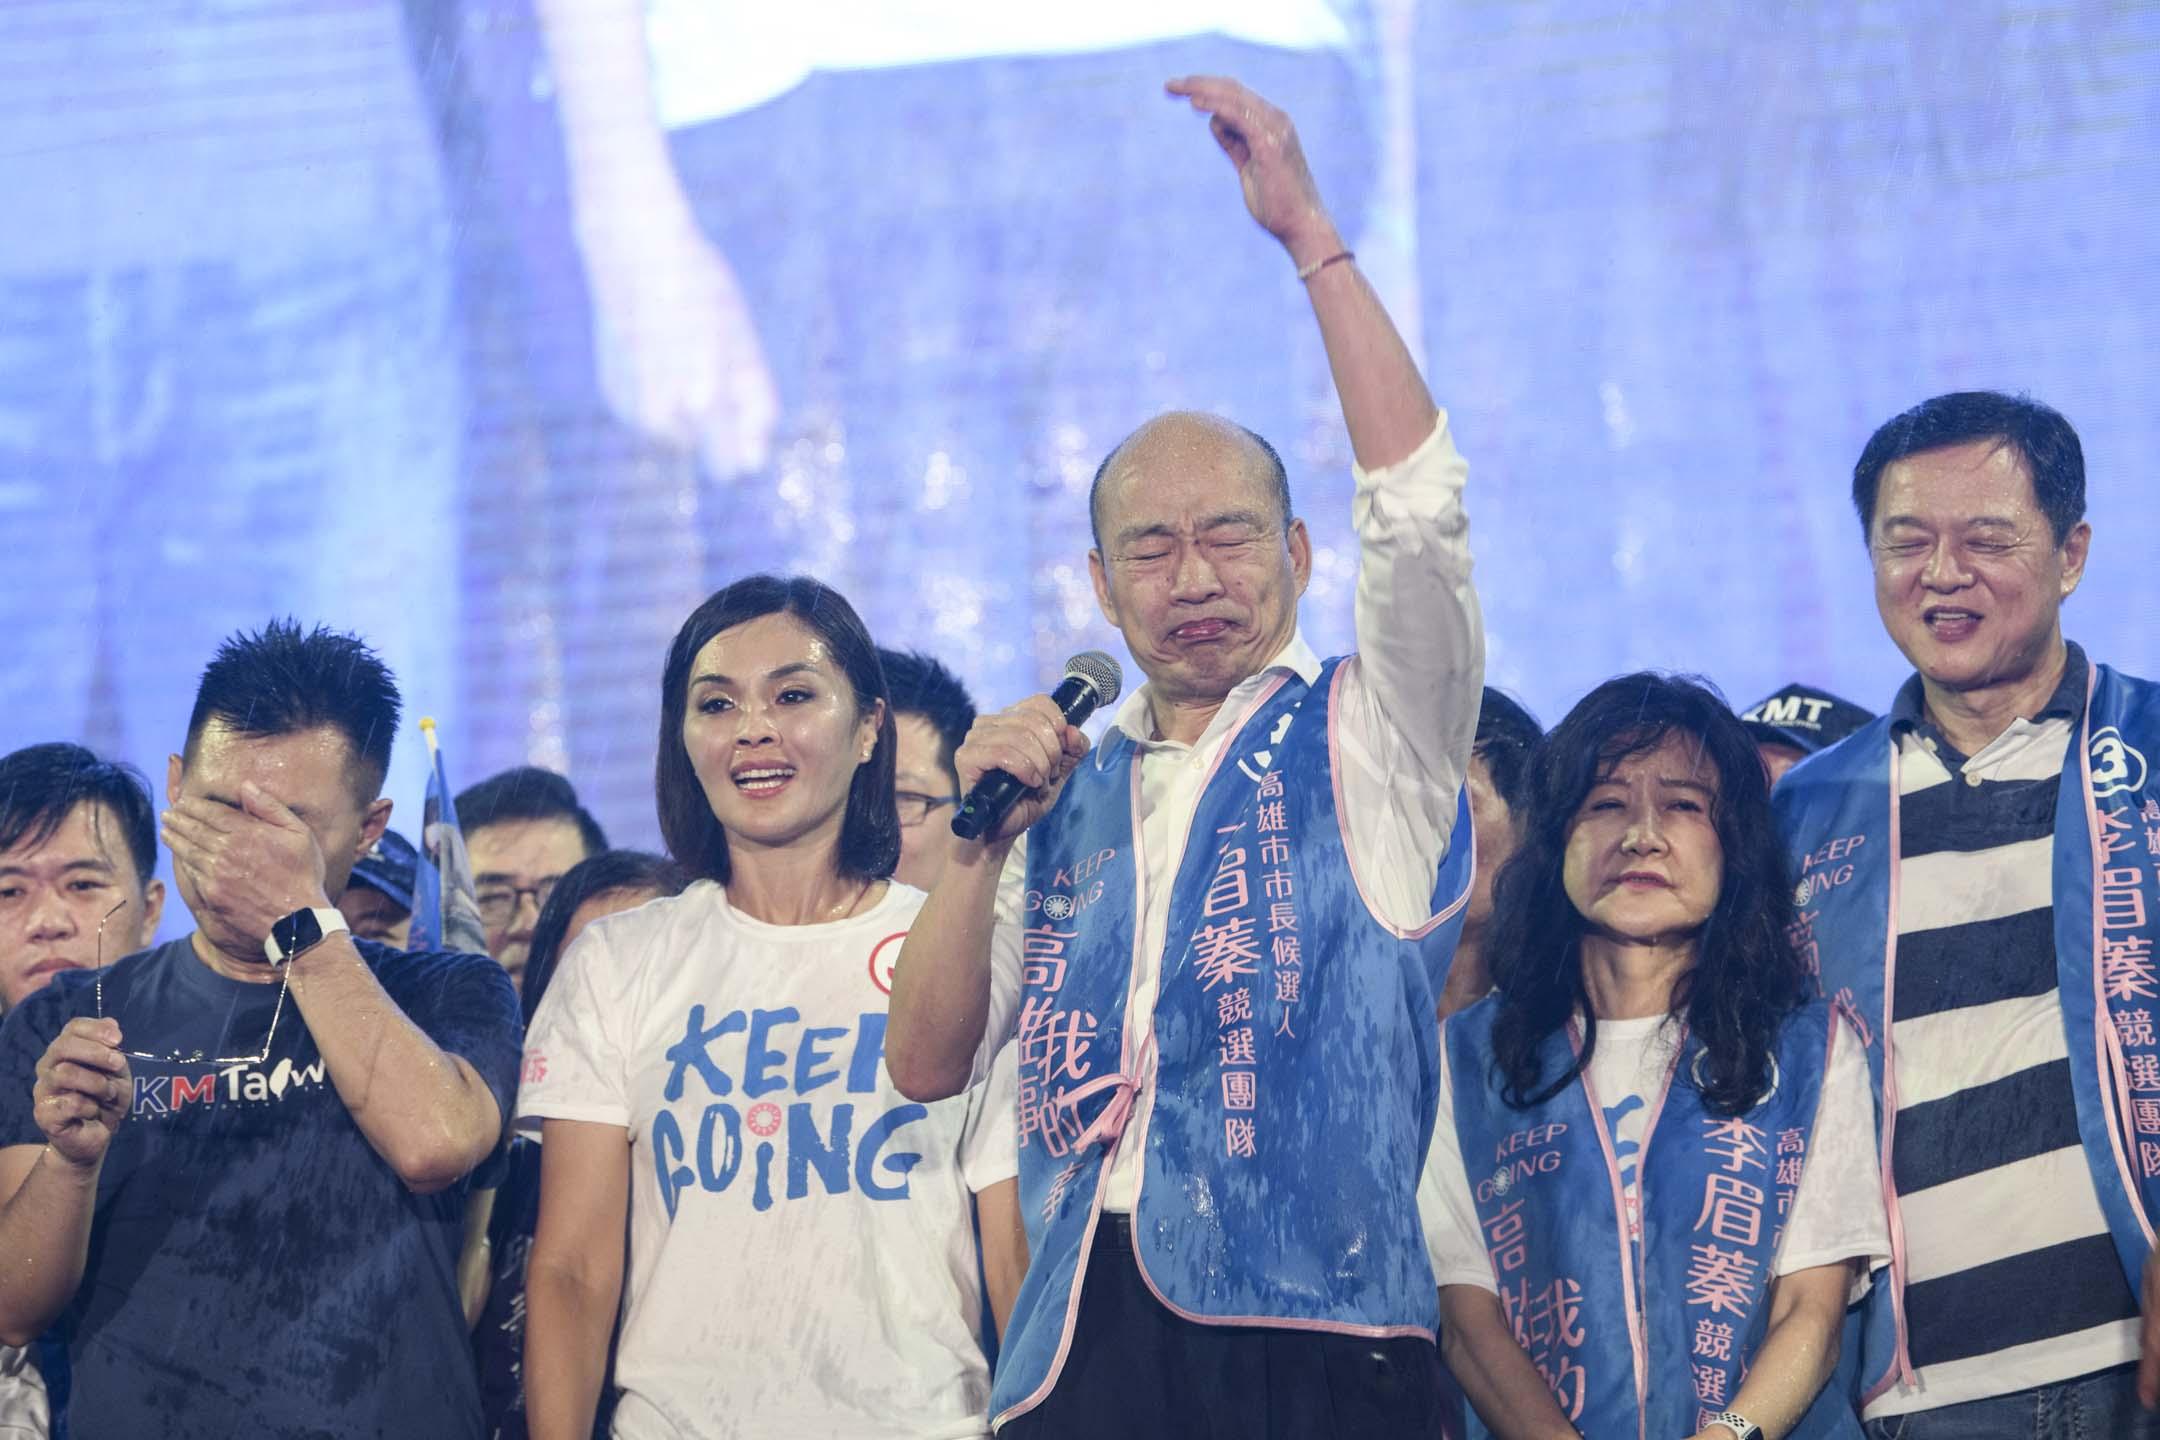 2020年8月14日,國民黨高雄市長候選人李眉蓁的選前之夜晚會,高雄市前市長韓國瑜站台,現場下起傾盆大雨。 攝:李昆翰/端傳媒